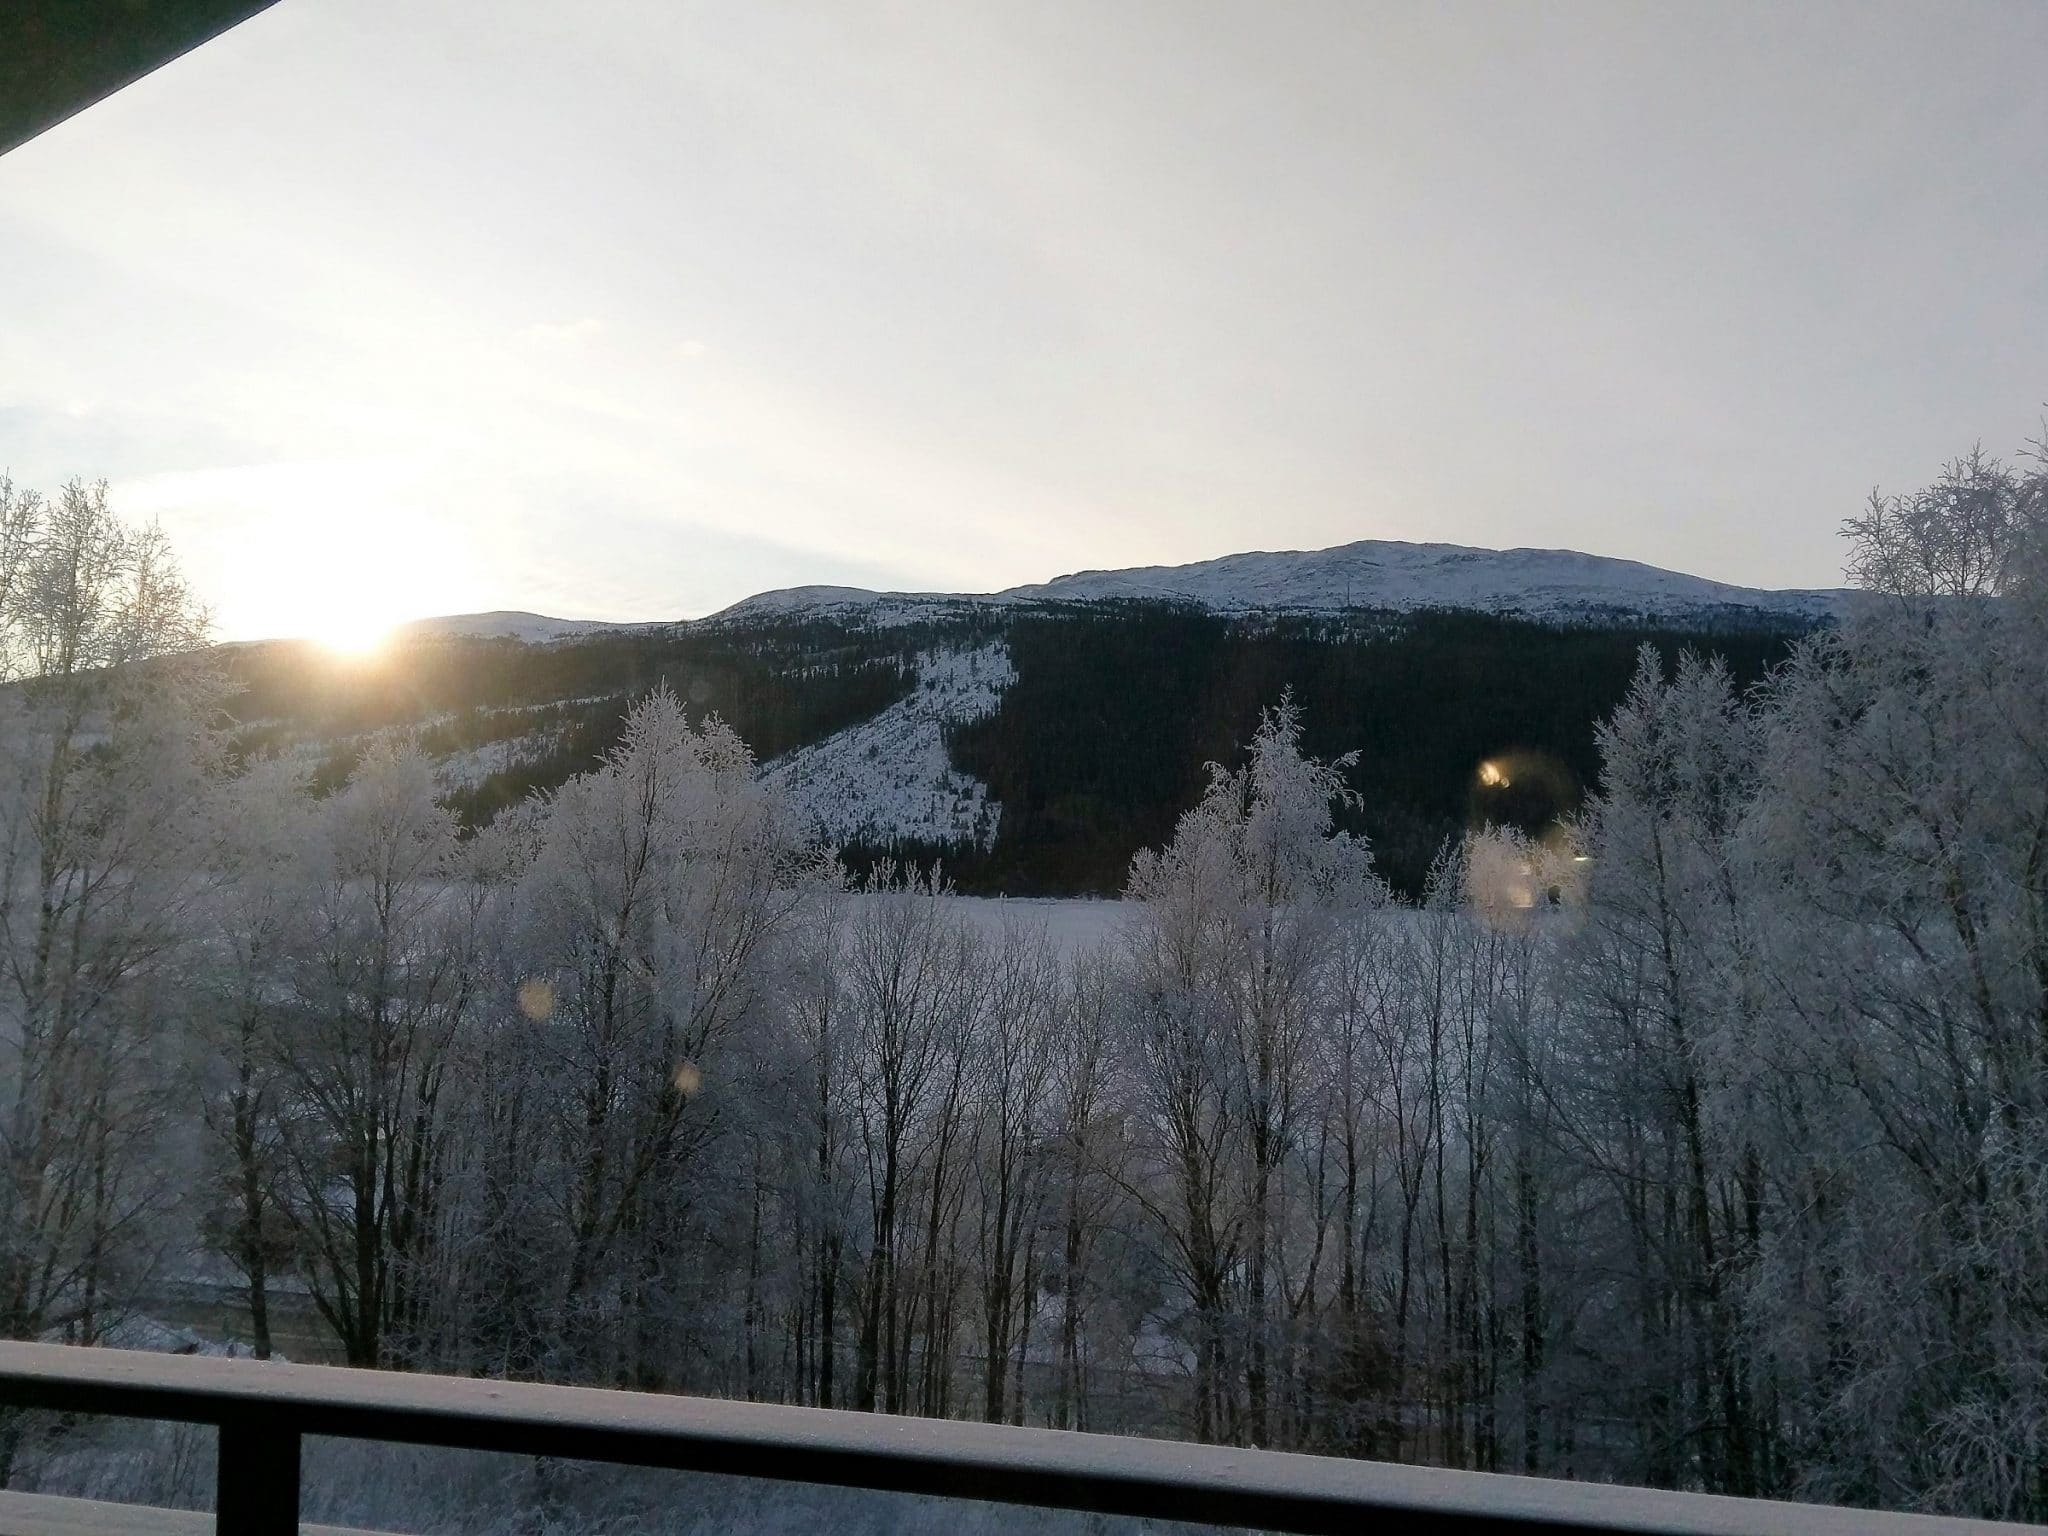 Vy över frostiga träd och fjäll från Slalomsvängen 9 i Åre